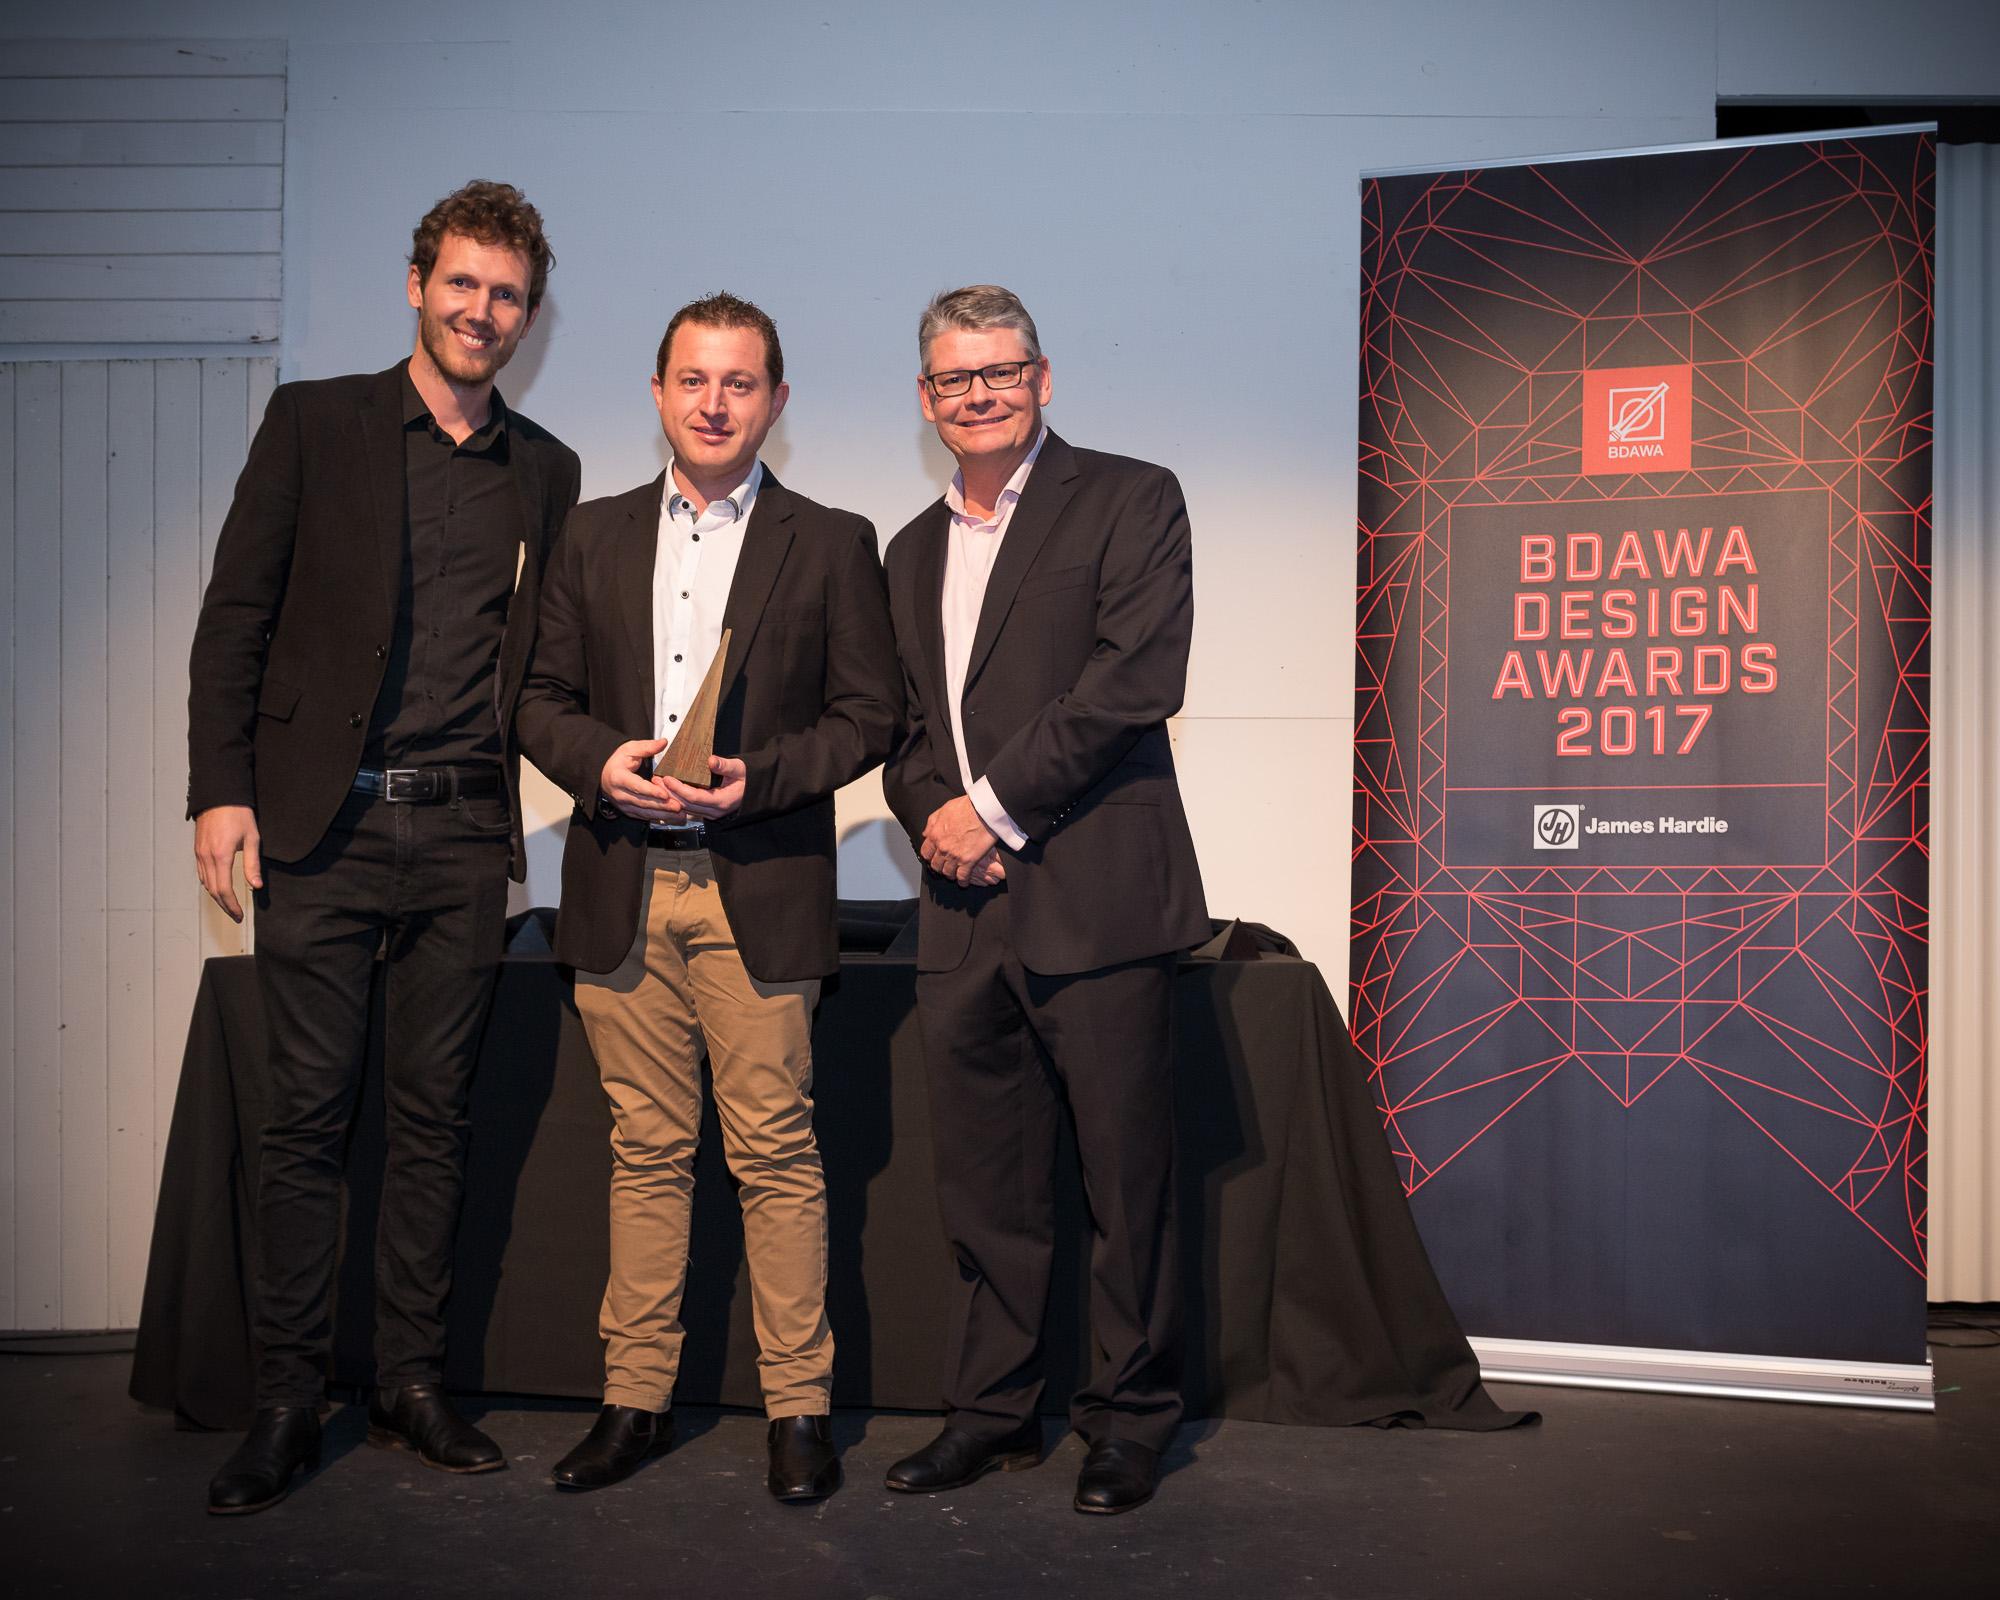 0170 BDA WA Awards 2017 _JHG7441.jpg